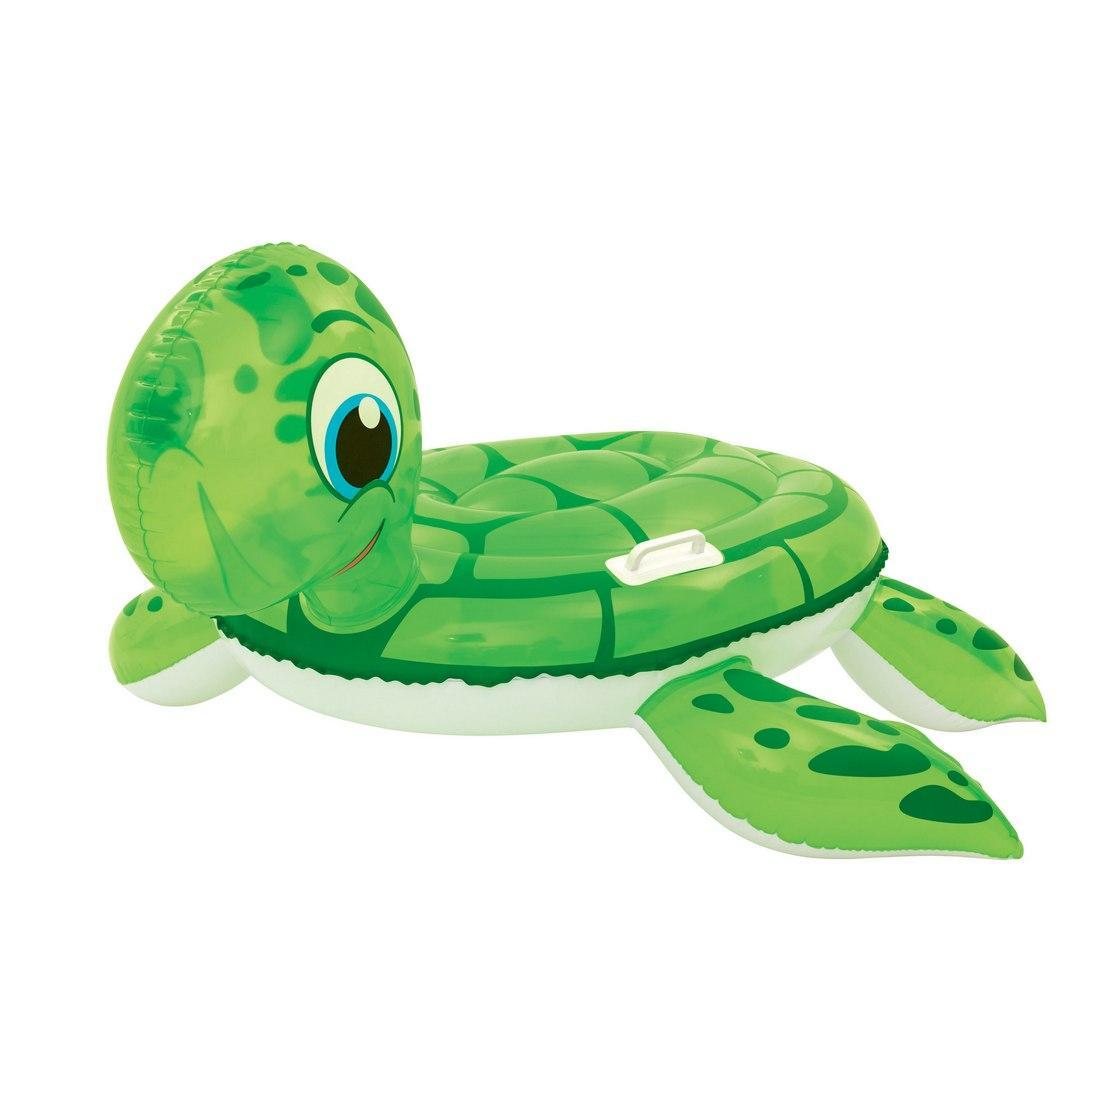 Надувная игрушка Bestway Черепаха, Материал: Поливинилхлорид, Цвет: Бело-зелёный, (41041)